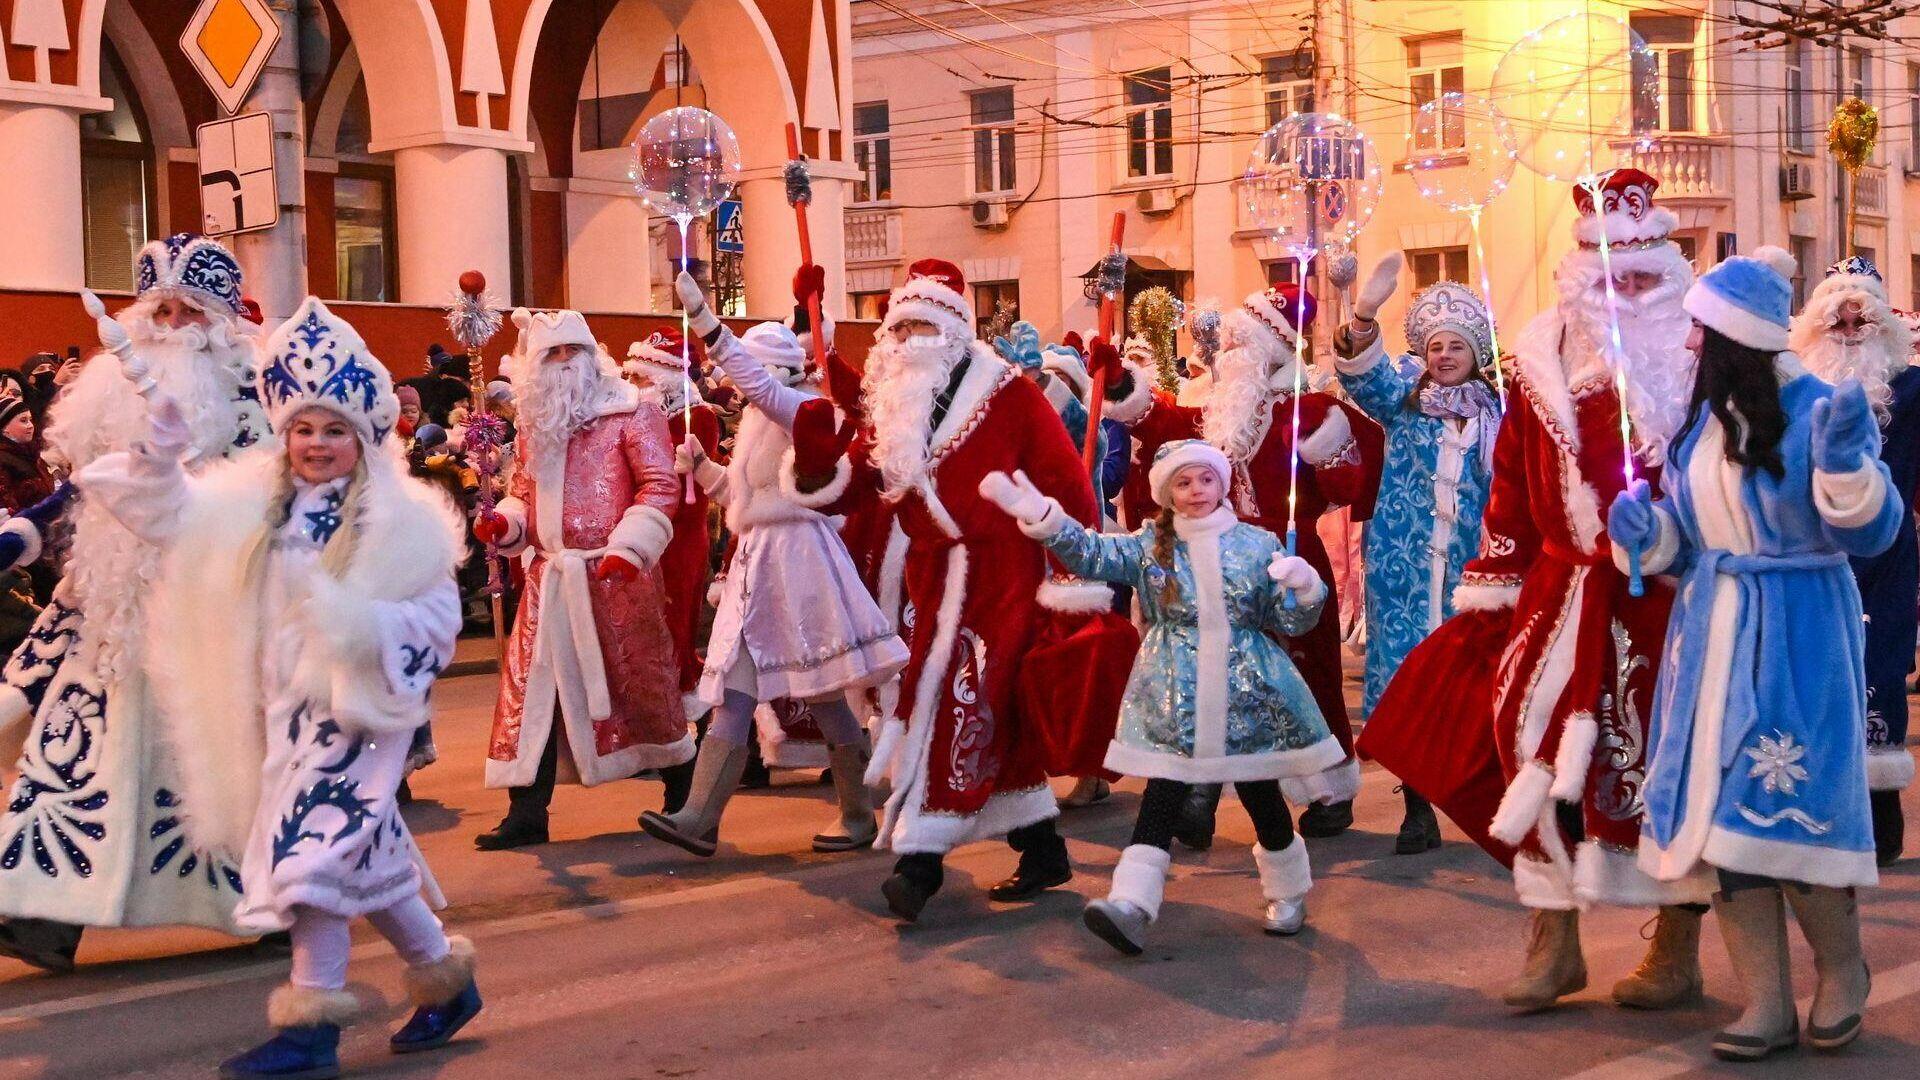 В Калуге прошел парад Дедов Морозов и Снегурочек  - РИА Новости, 1920, 12.12.2020